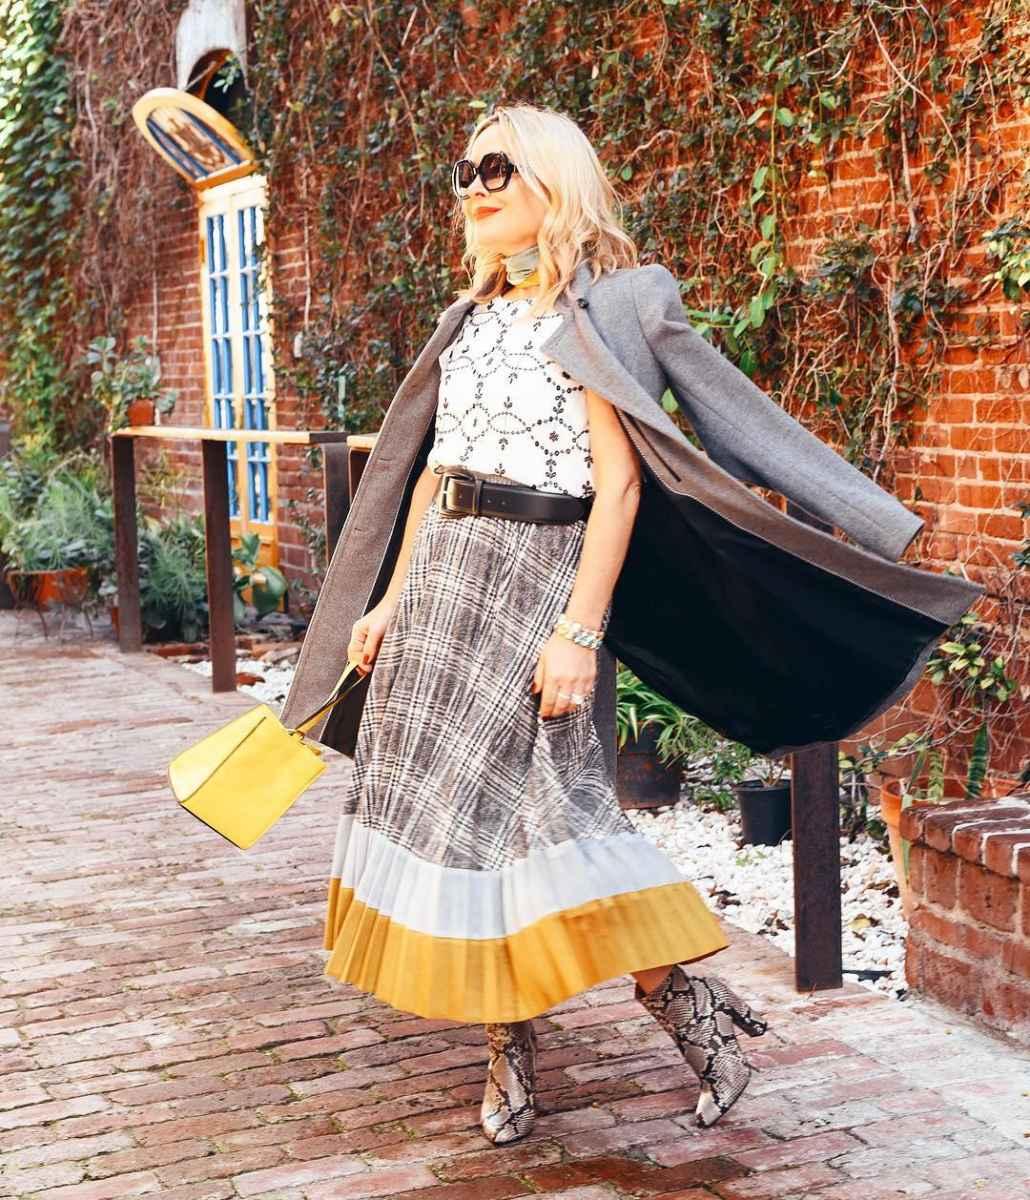 Модные юбки осень-зима 2019-2020 для женщин 30-40 лет фото_20